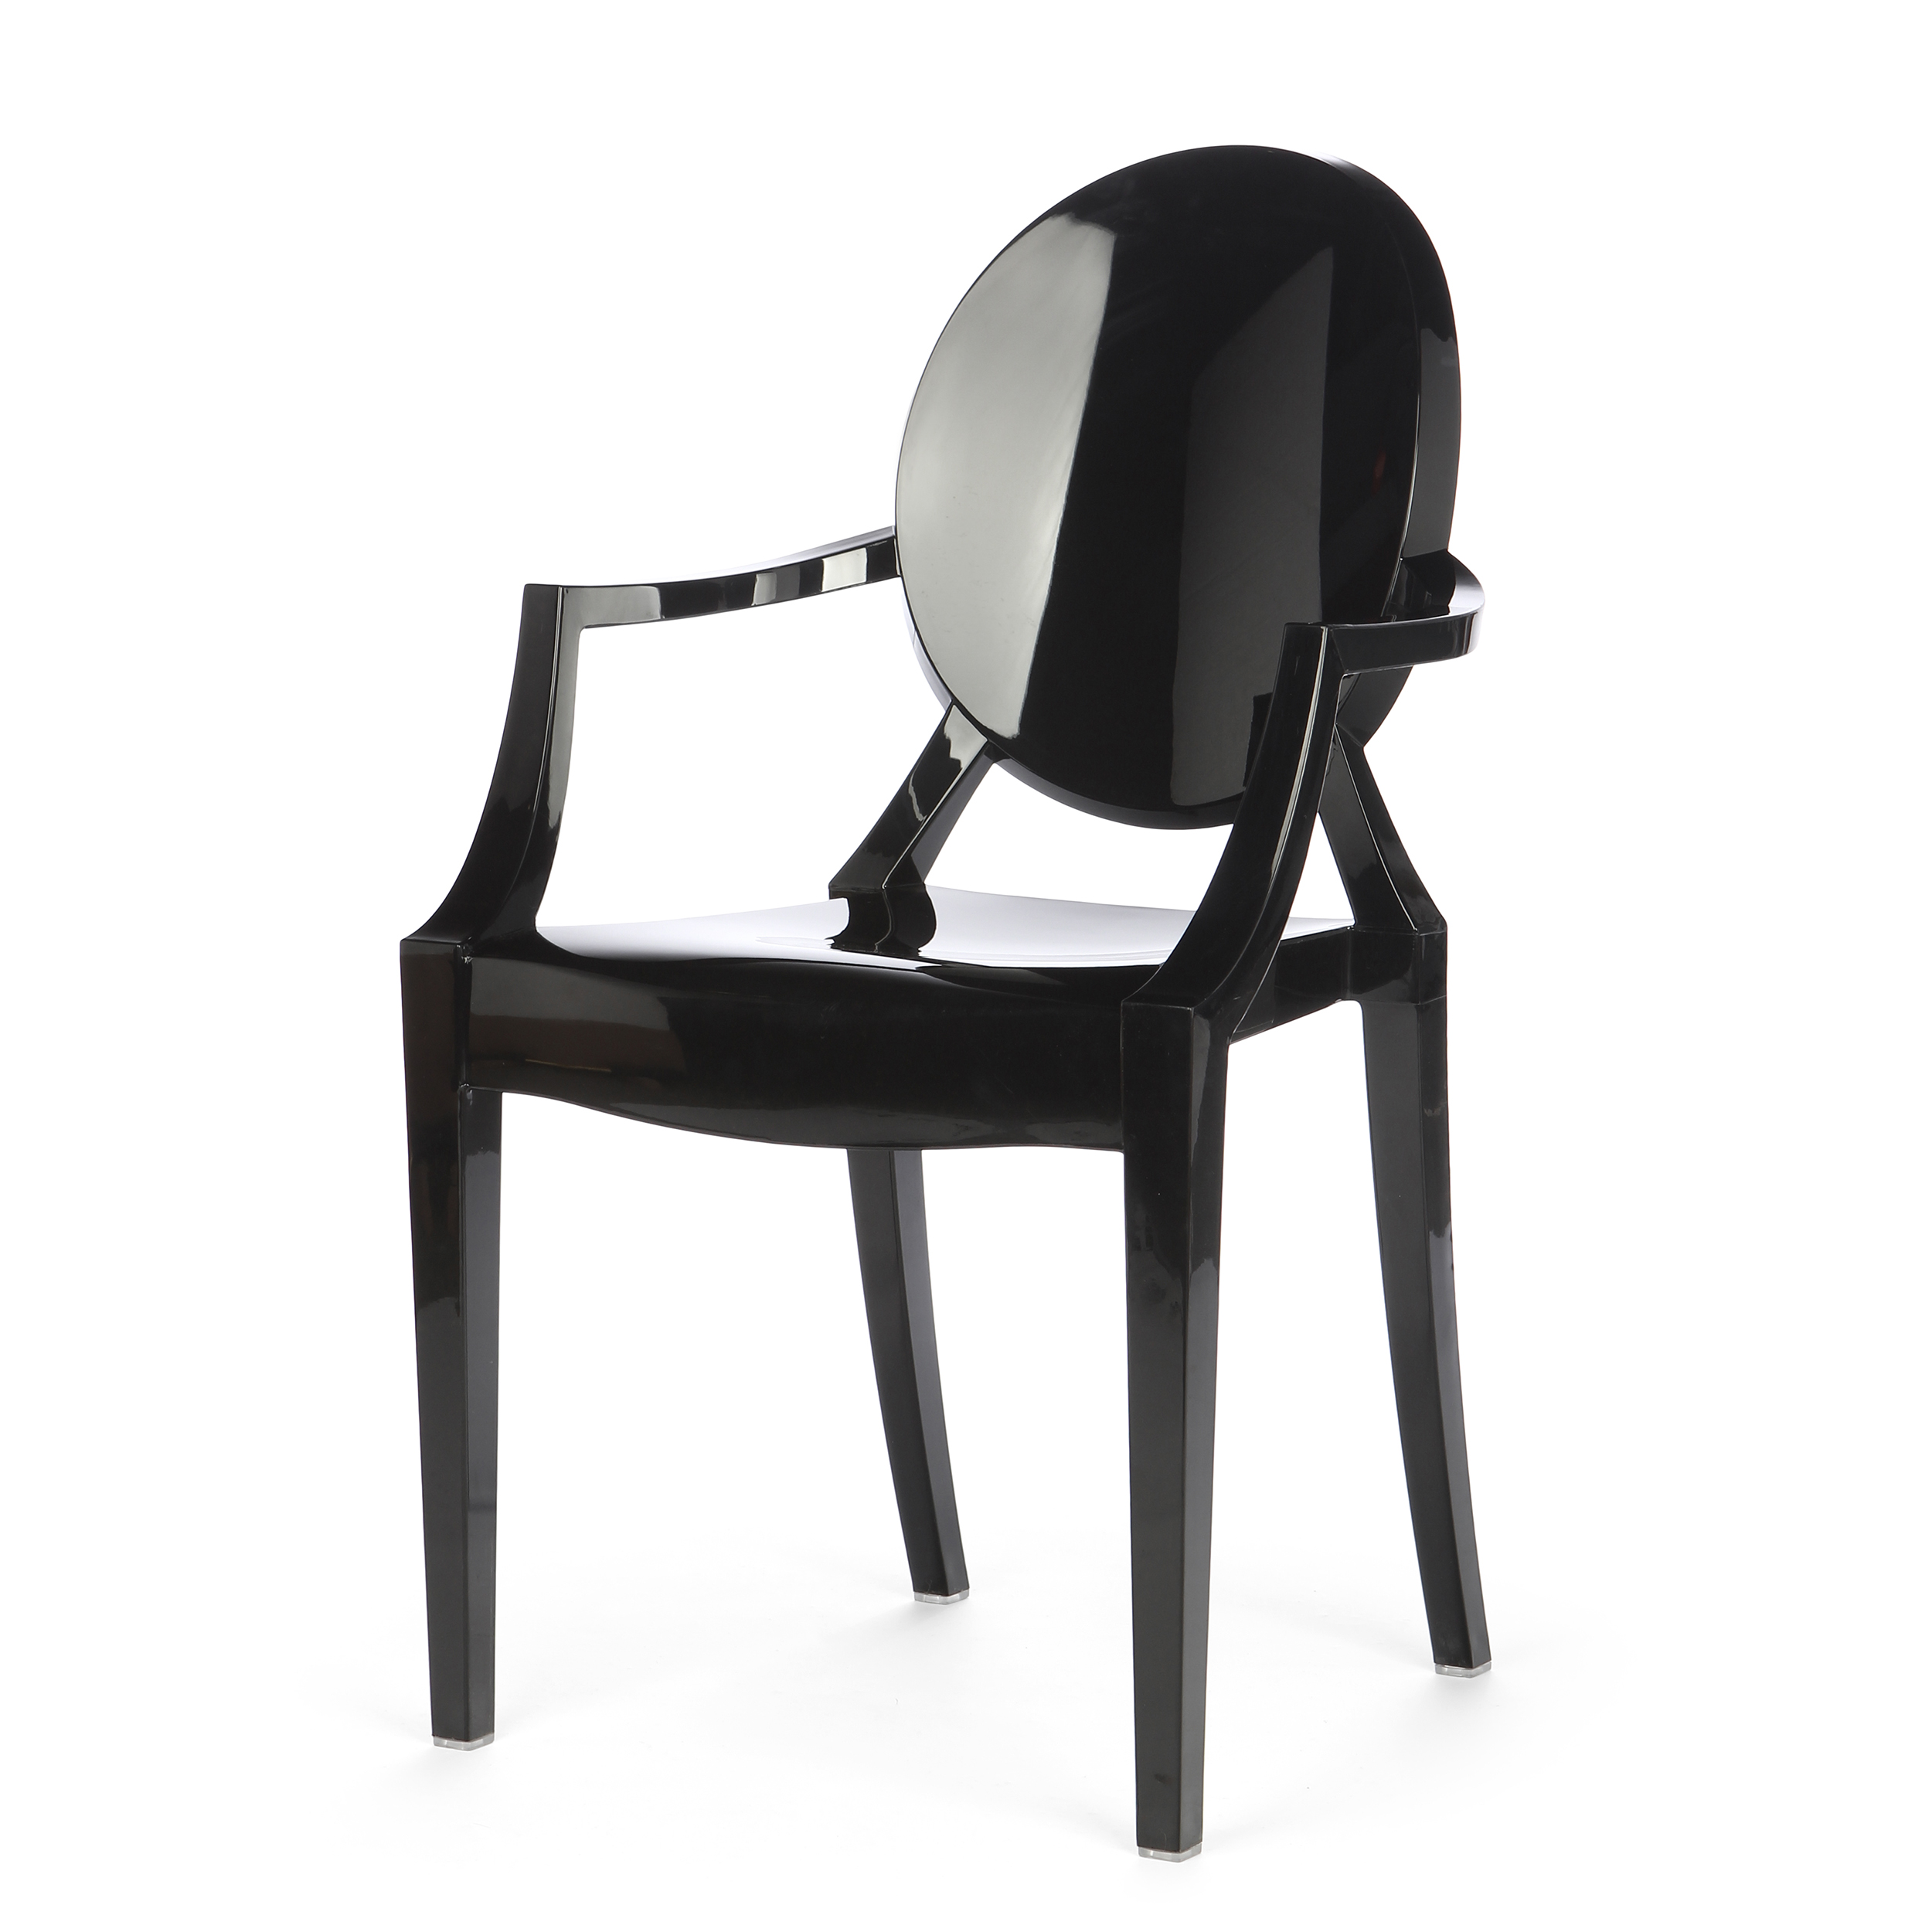 Стул Louis GhostИнтерьерные<br>Дизайнерский глянцевый жесткий пластиковый стул Louis Ghost (Луи Гост) с круглым сиденьем на четырех ножках от Cosmo (Космо).<br><br>     Волна любви к маэстро промышленного дизайна французу Филиппу Старку, захлестнувшая мир несколько лет назад, отнюдь не спадает. Его предметы давно стали must have любого стильного интерьера, и стул Louis Ghost не исключение. Этот бестселлер — ироничная фантазия на тему классического кресла в стиле Людовика XVI, не зря же и назван он «призрак Людовика». На бестел...<br><br>stock: 0<br>Высота: 92,5<br>Высота сиденья: 48,5<br>Ширина: 54<br>Глубина: 57,5<br>Материал каркаса: Поликарбонат<br>Тип материала каркаса: Пластик<br>Цвет каркаса: Черный